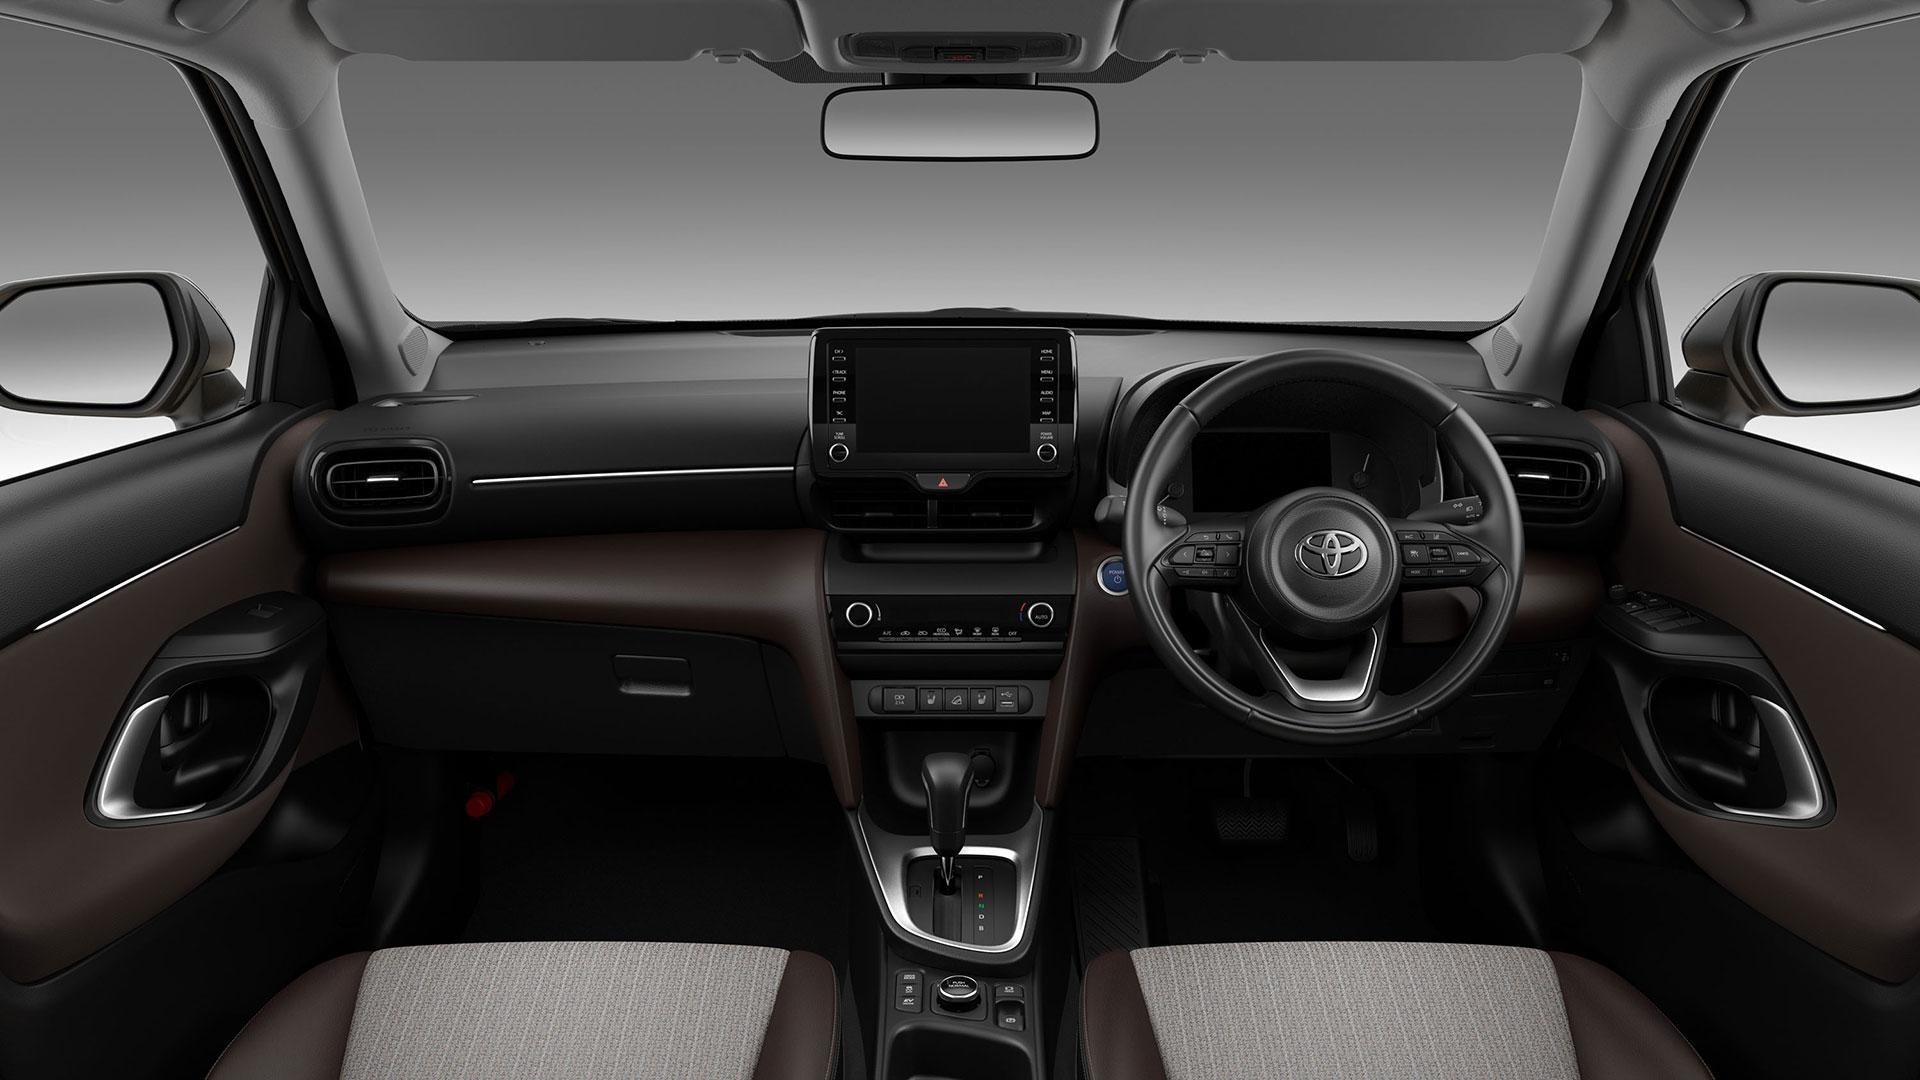 画像】新型ヤリスクロス 公開された全写真で知る「全容」 - 自動車情報誌「ベストカー」